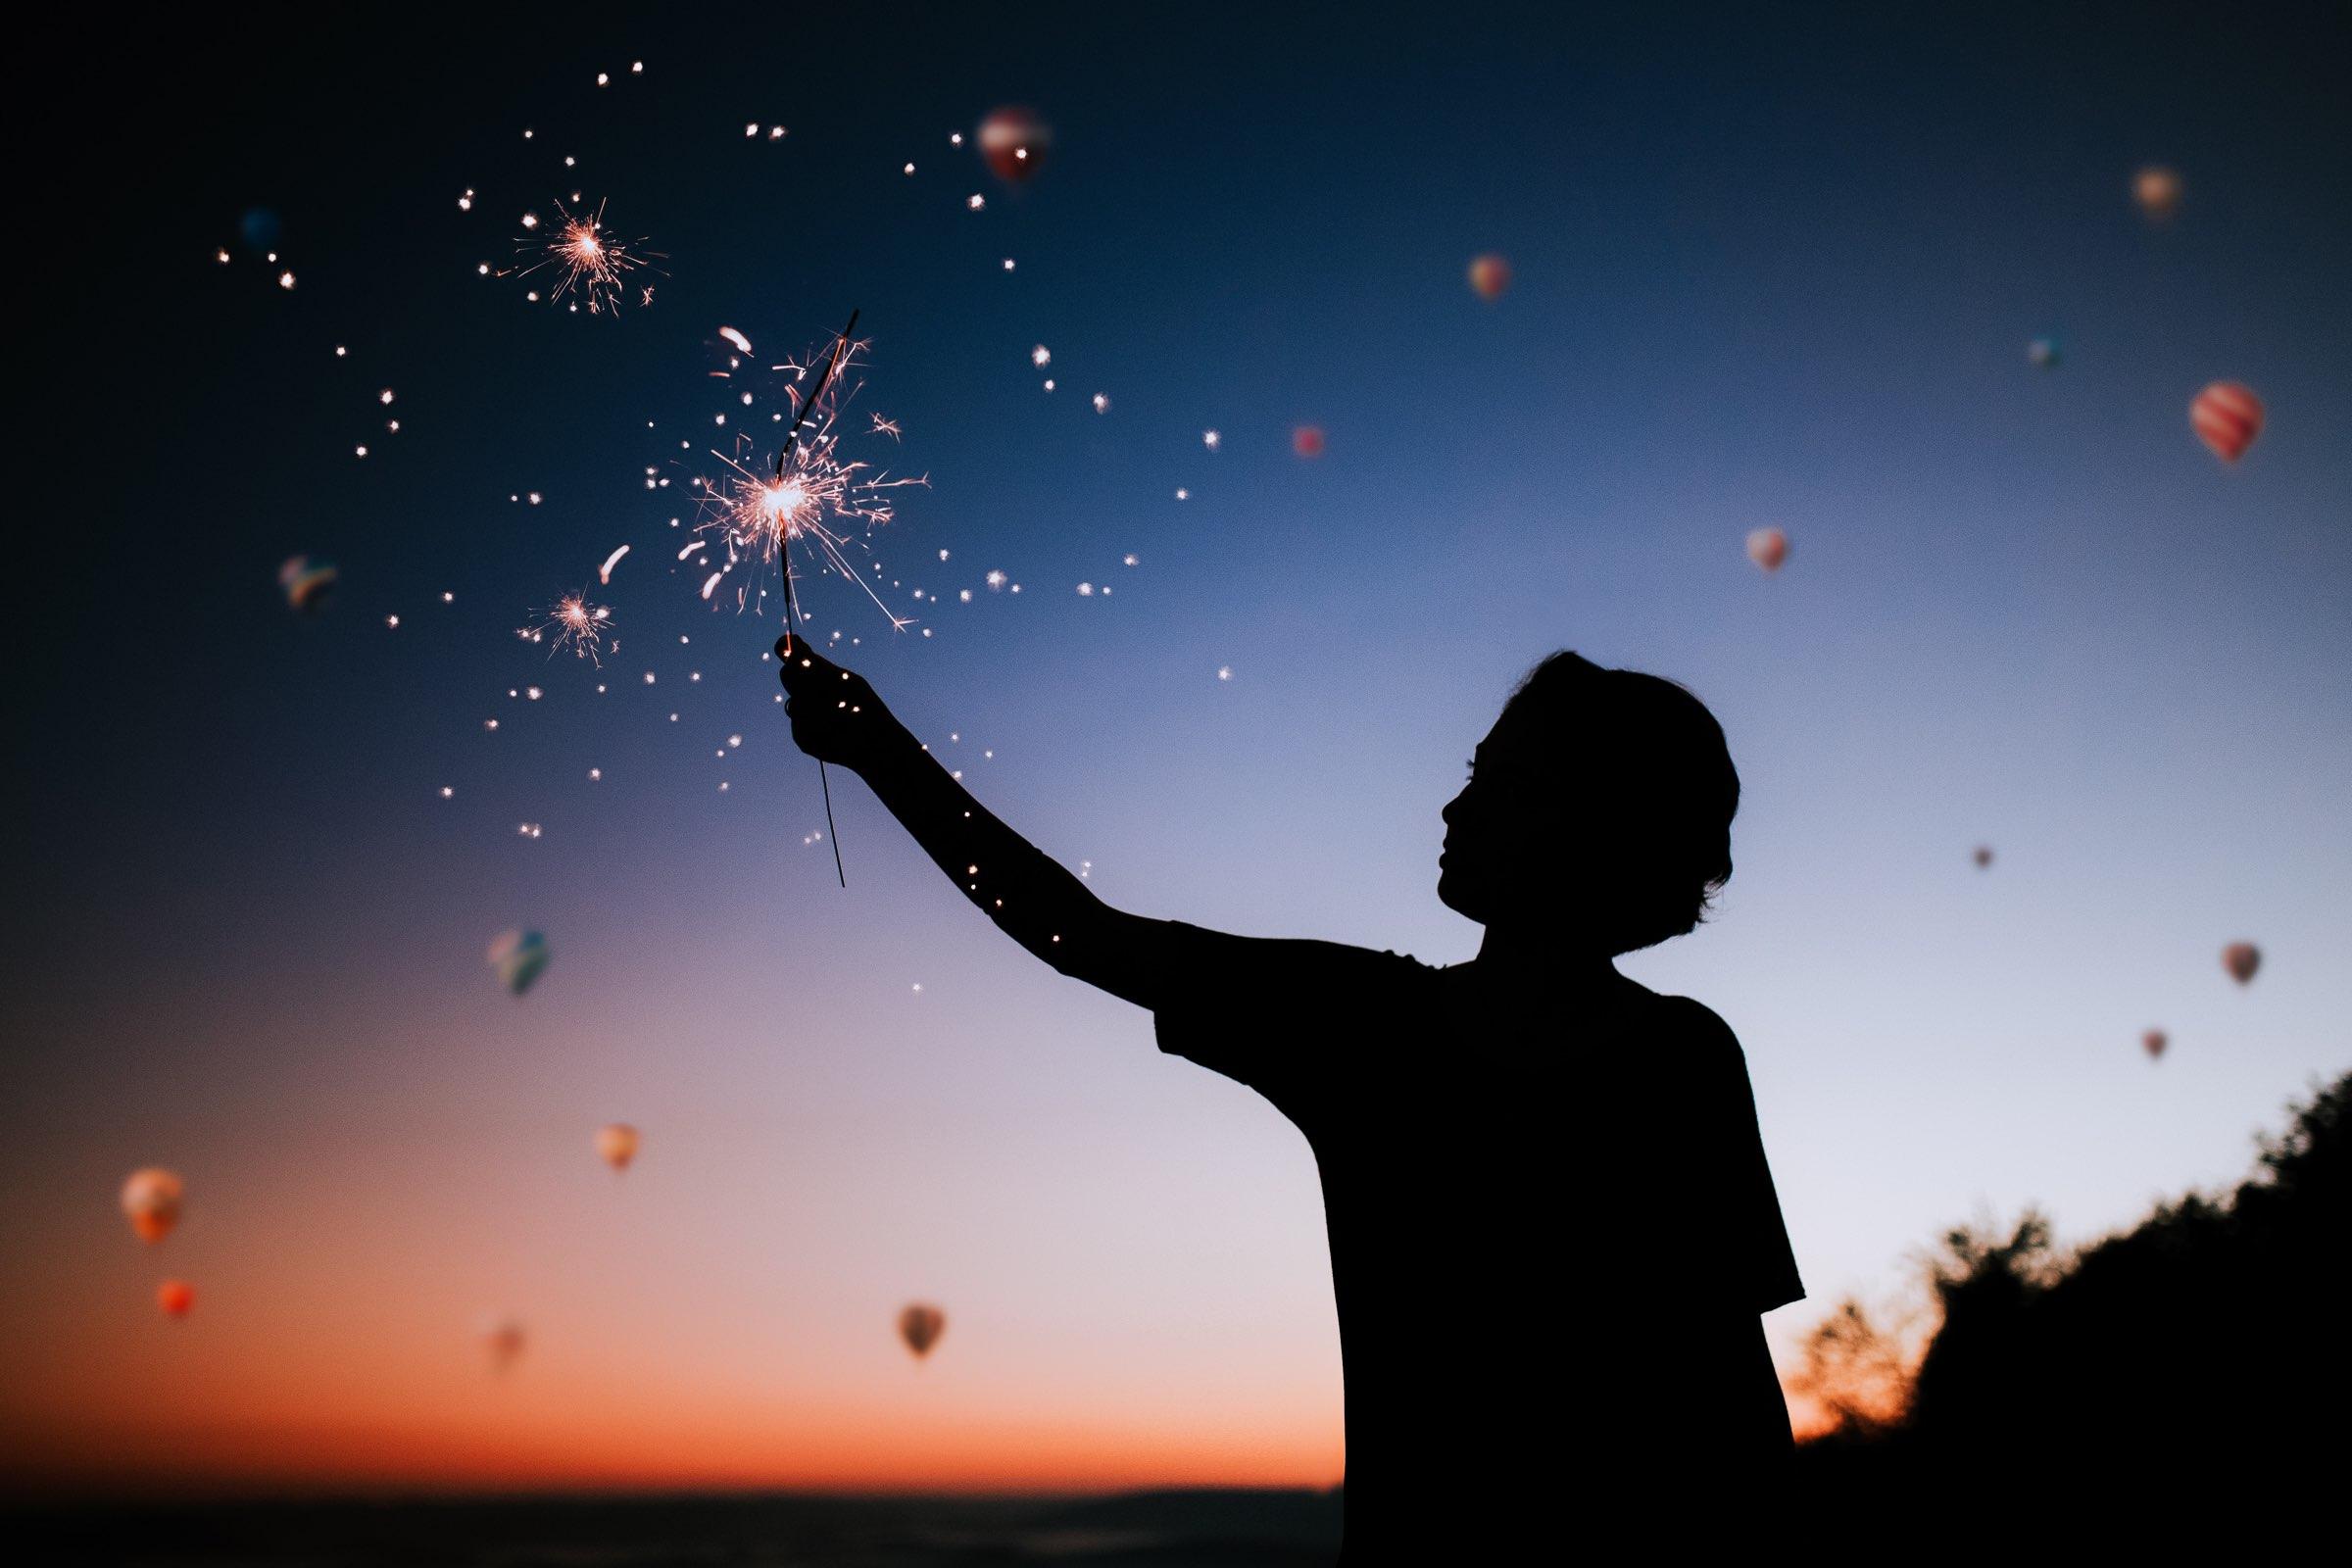 Capodanno 2021 ebookecm.it